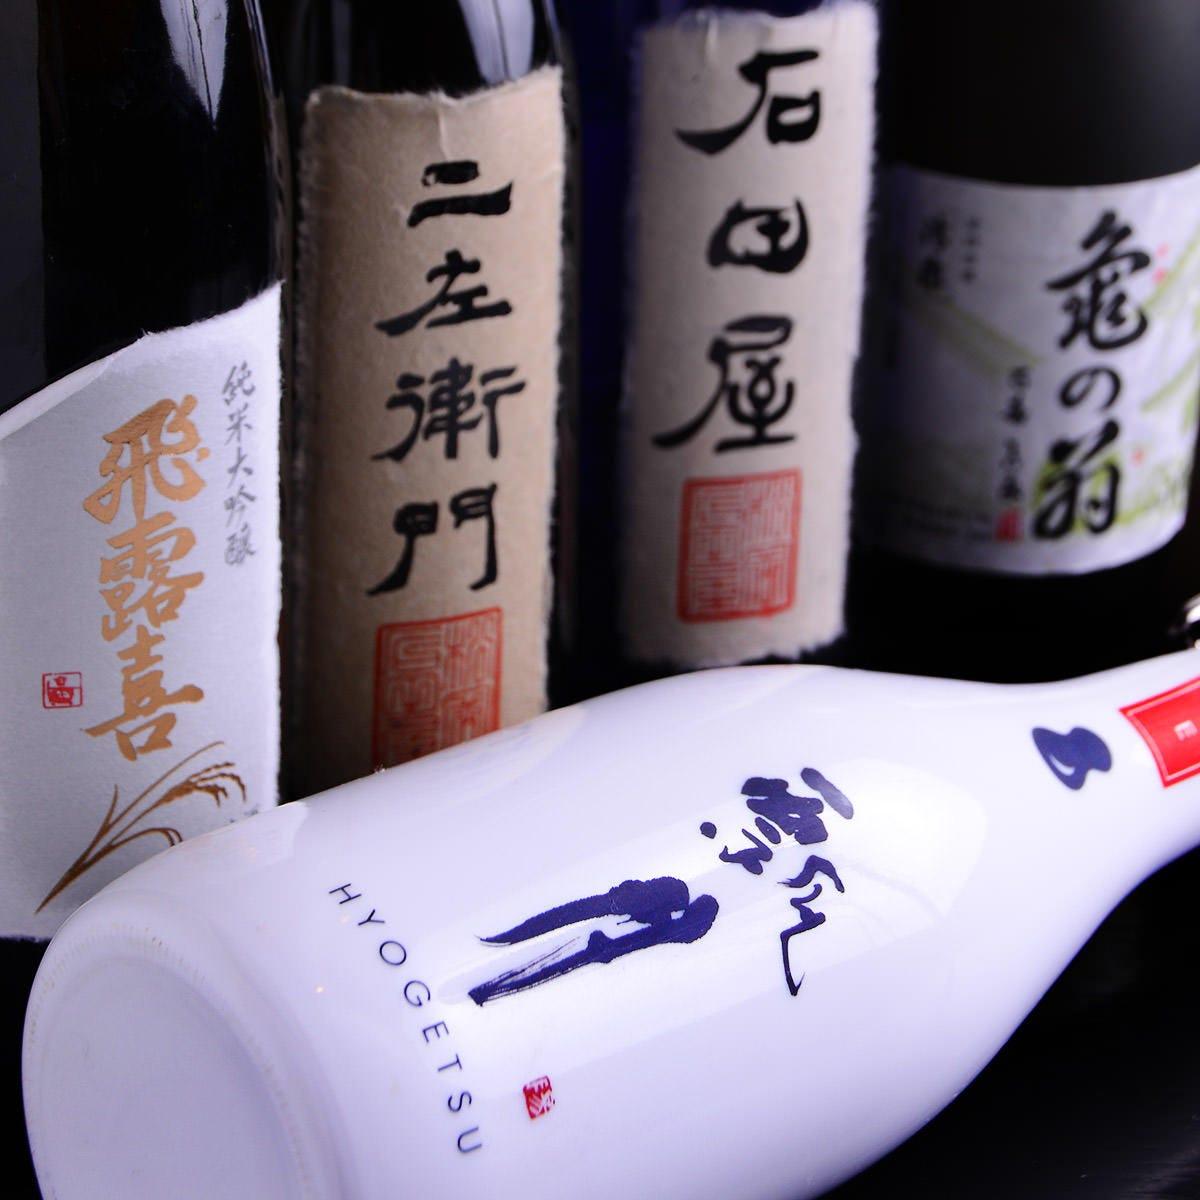 限定の日本酒も入荷しております!お仕事帰りのサク飲みにも◎